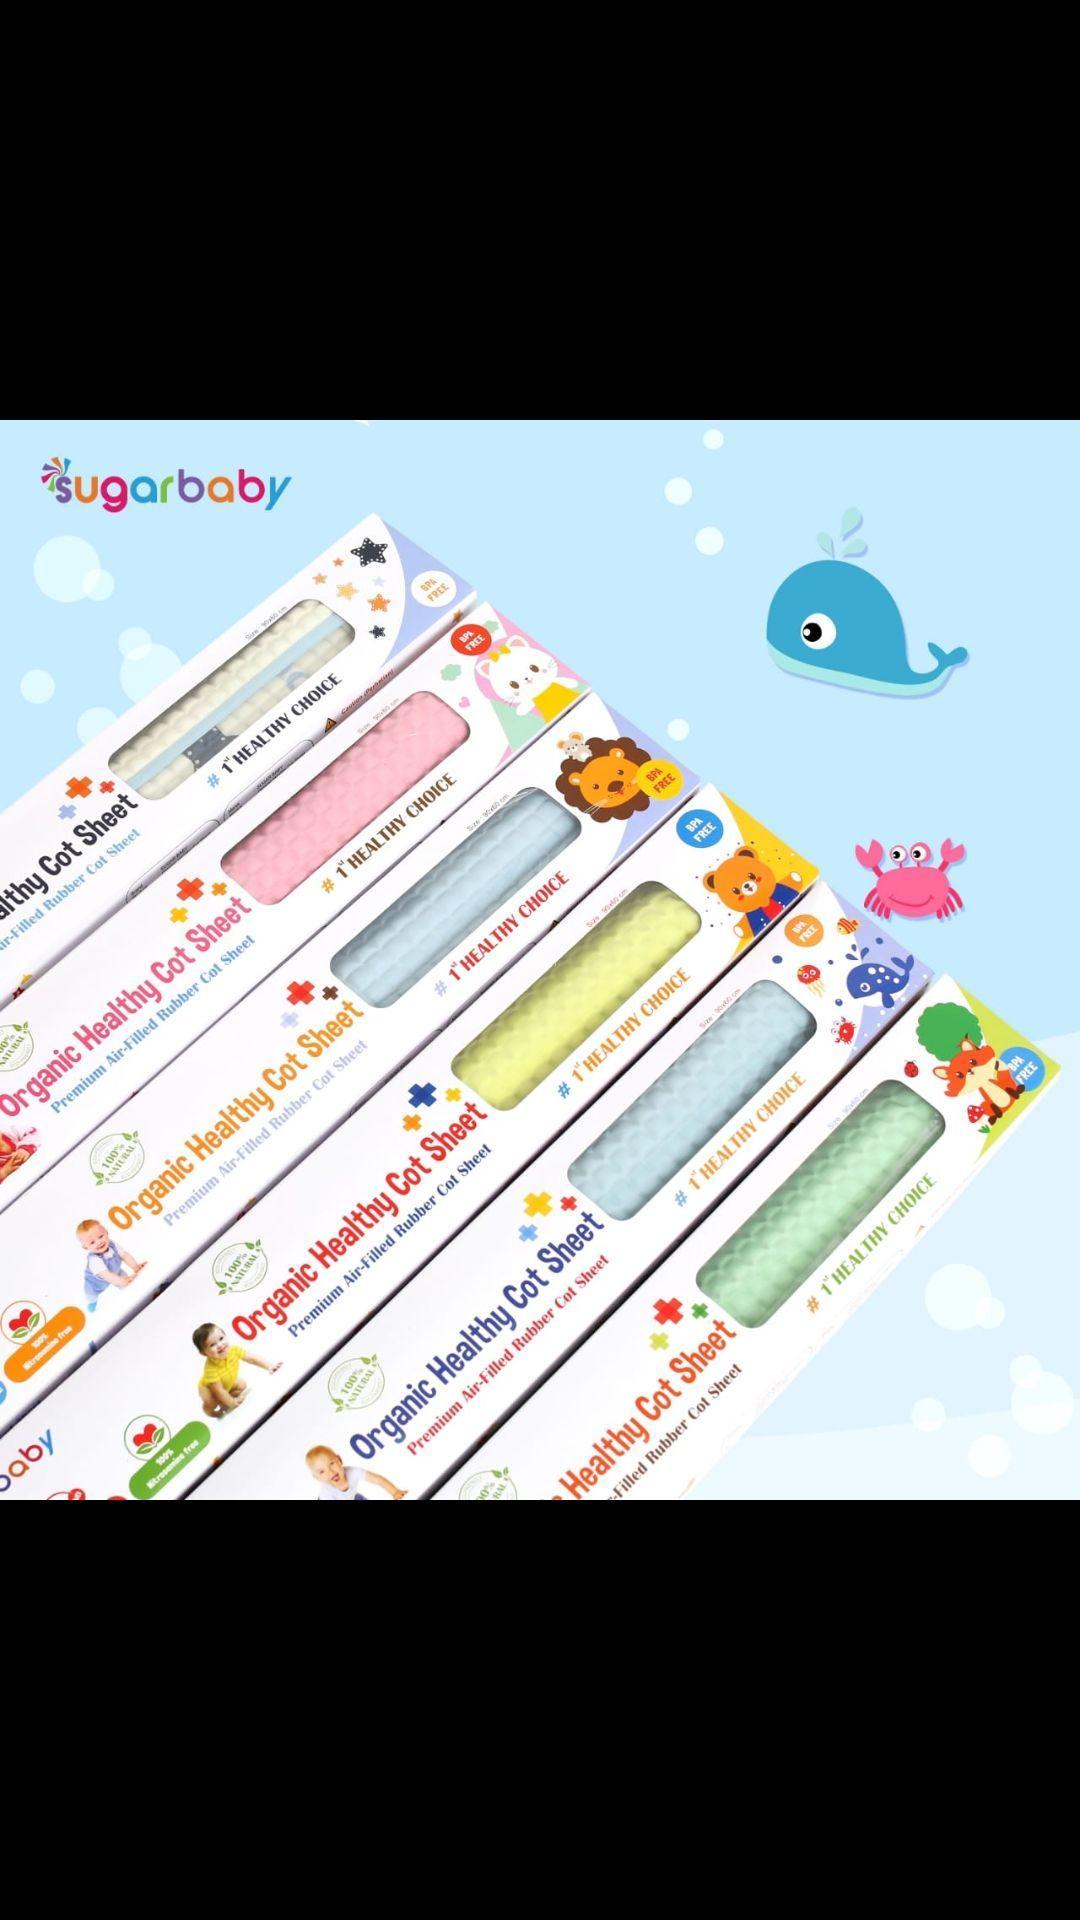 Perlengkapan Lainnya Terbaik Perlak Pangku Kecil Changing Mat Bayi Sugar Baby Waterproof 90 X 60cm Organic Healthy Cot Sheet